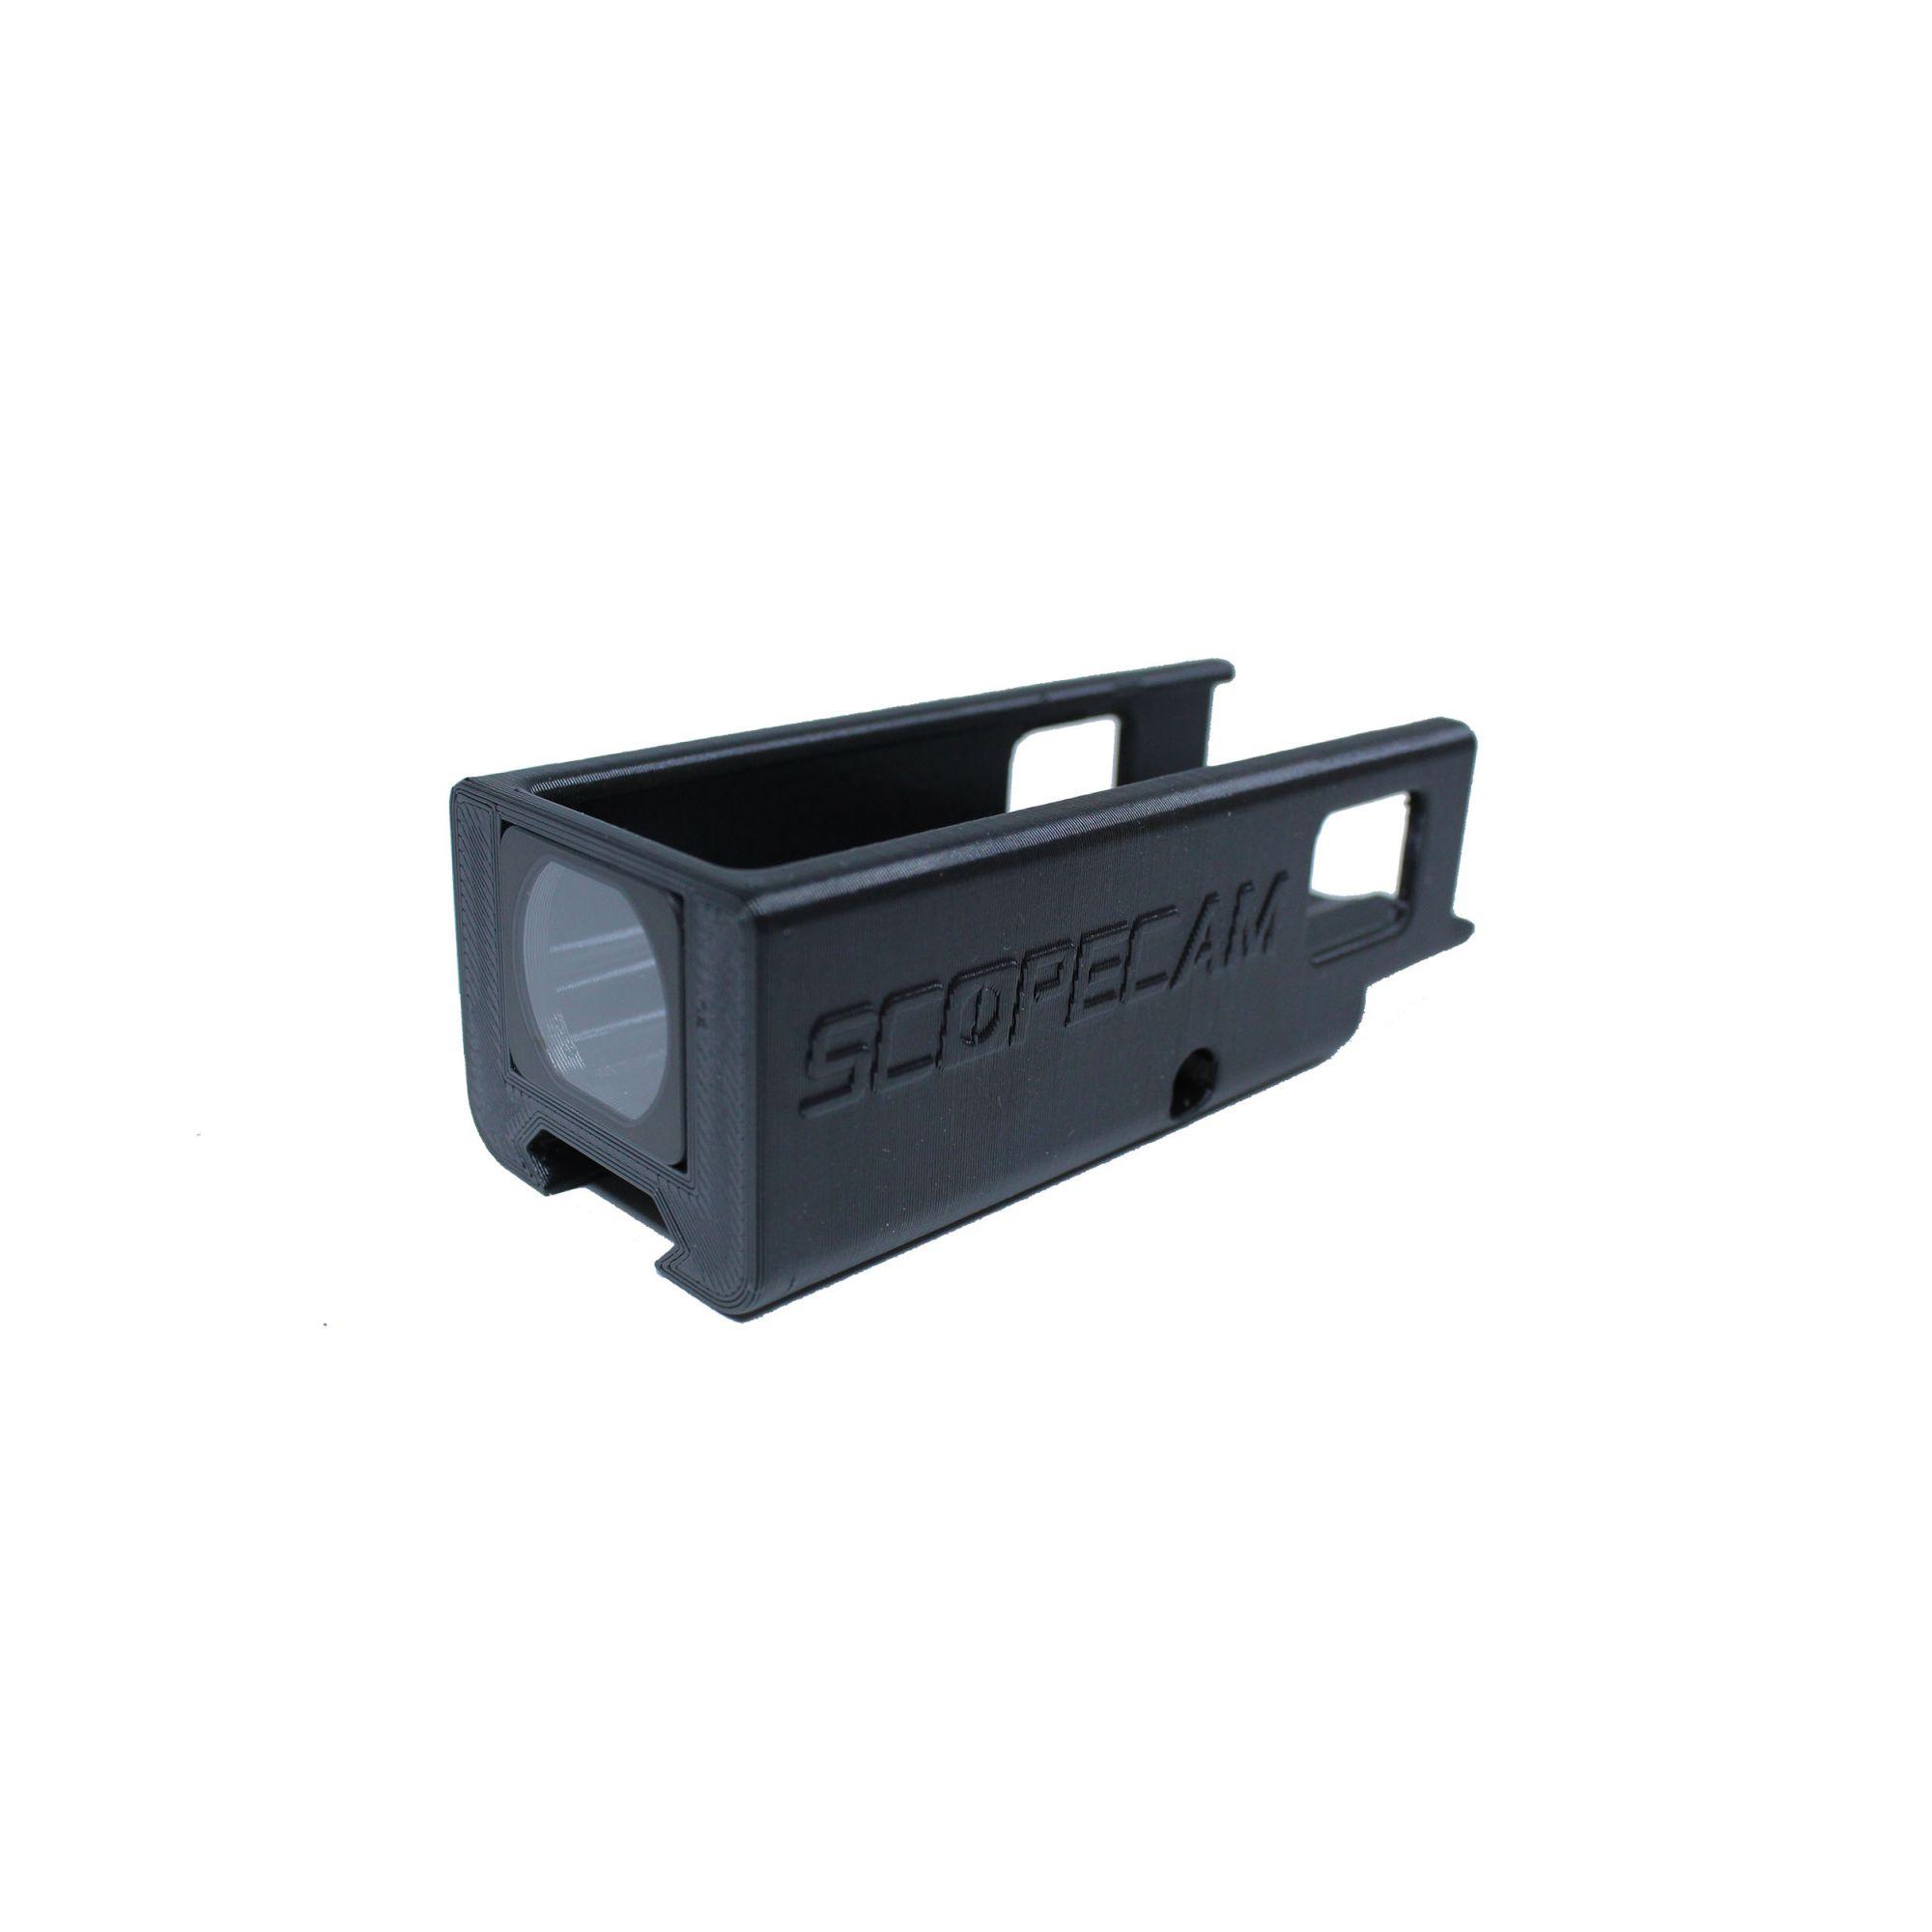 Suporte Runcam 2 trilho 20mm com proteção de lente para lente 50mm